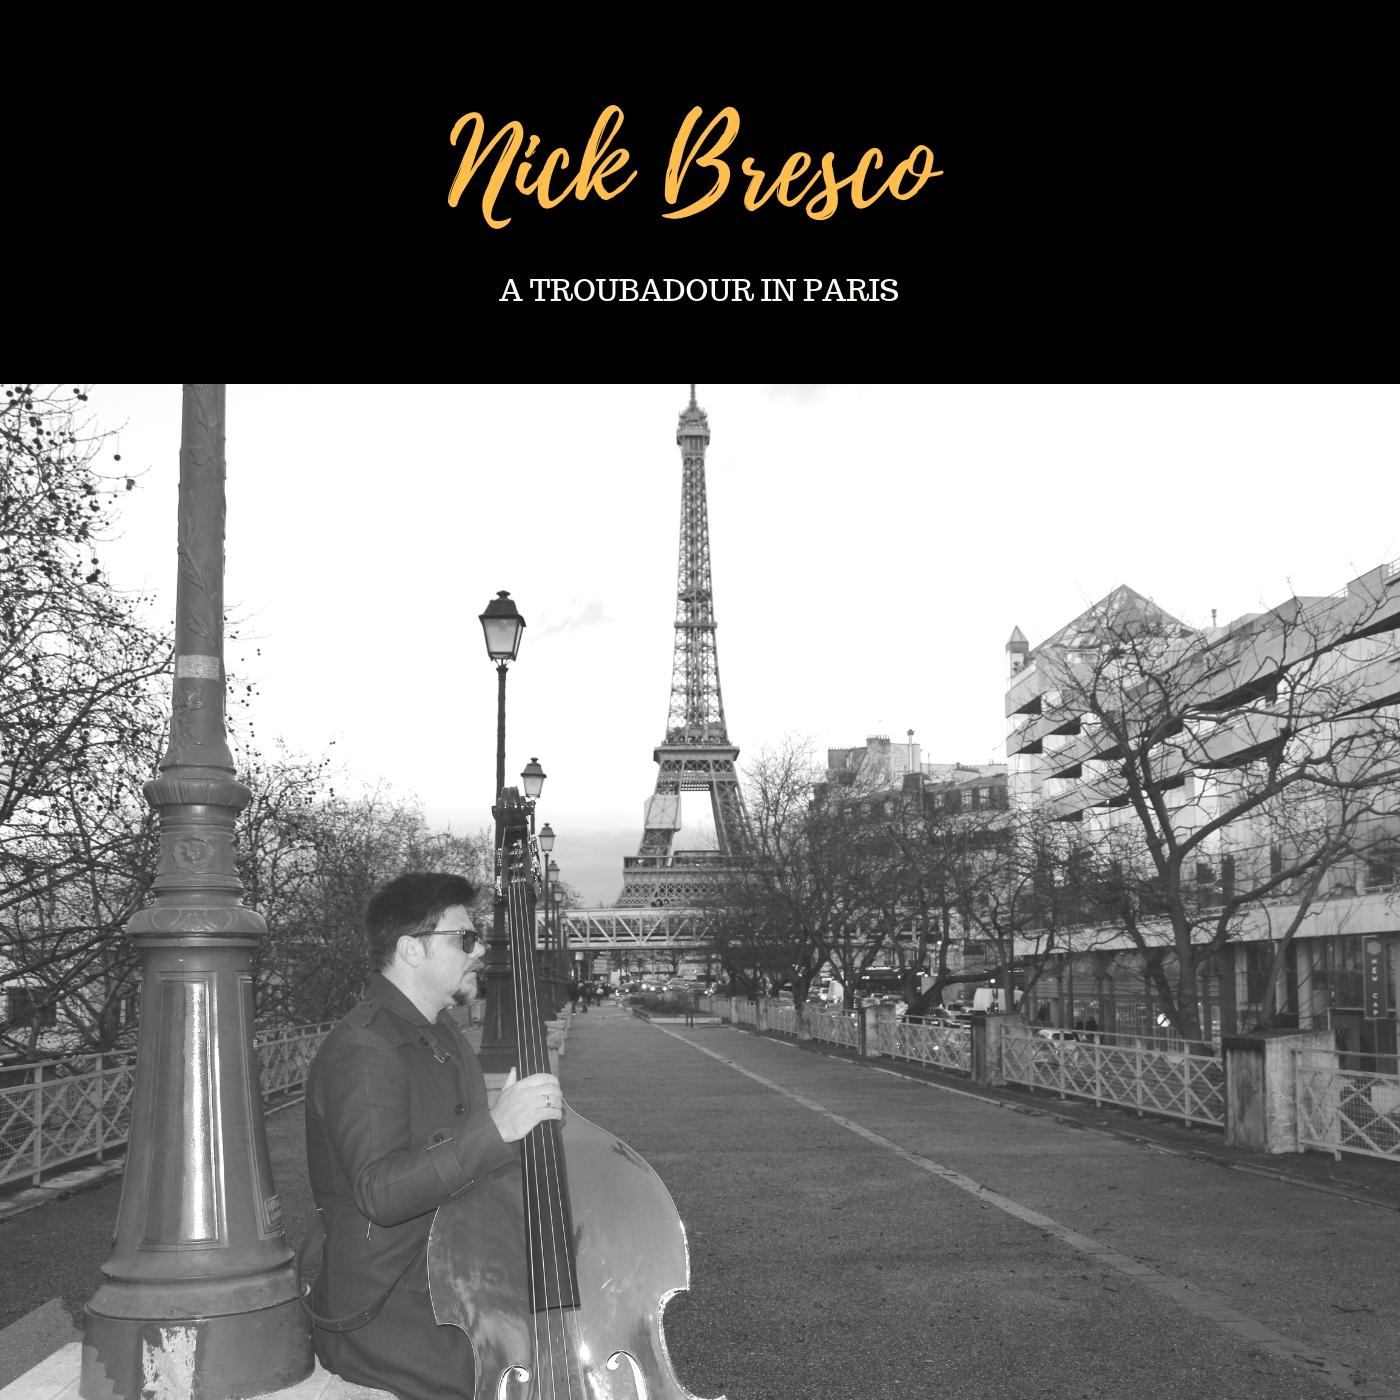 A Troubadour in Paris